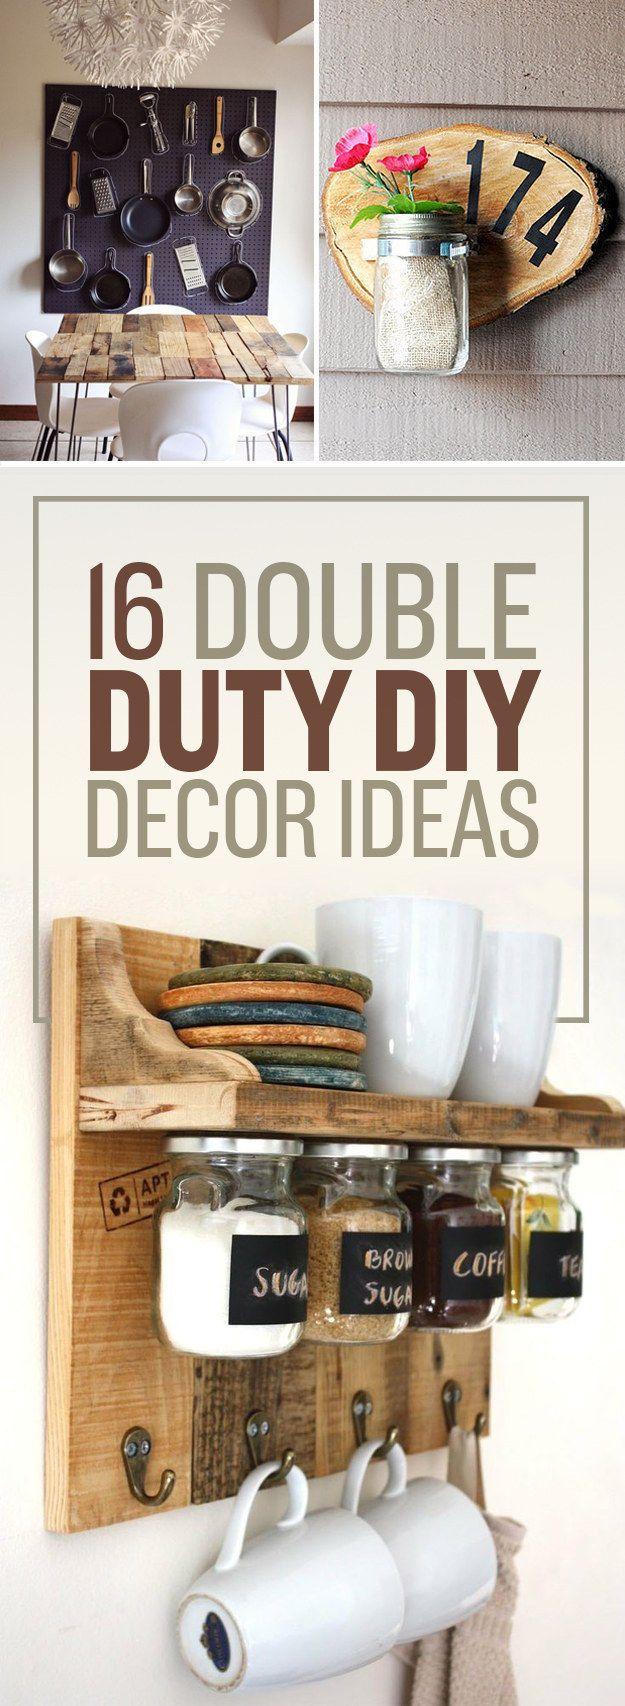 DIY multifunctionele decoratie ideeën